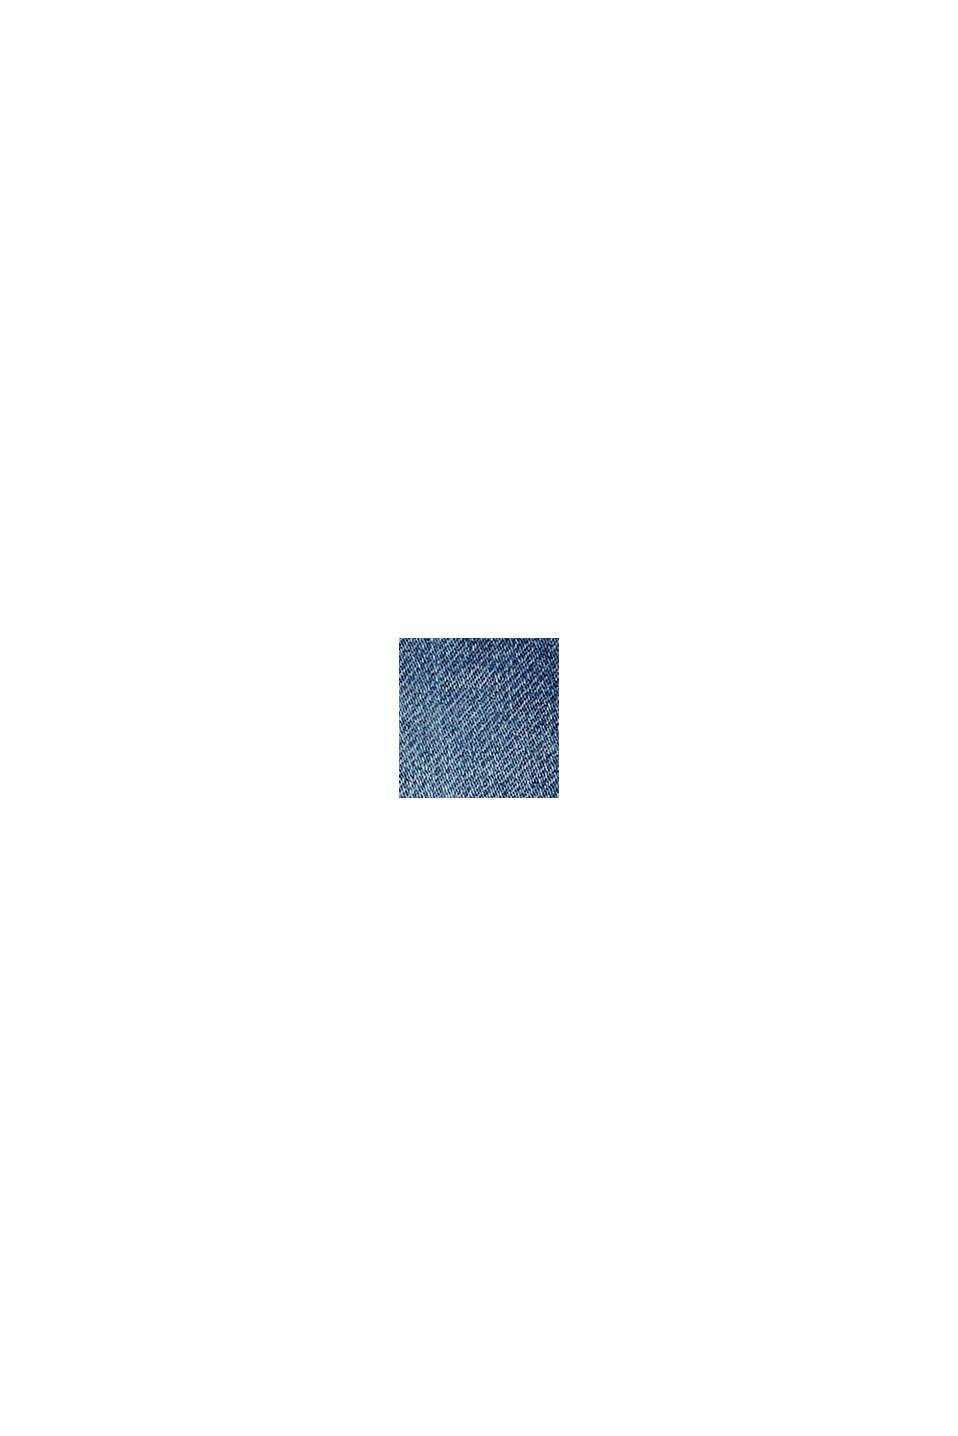 Pantalón vaquero con cordón en la cintura elástica, BLUE MEDIUM WASHED, swatch